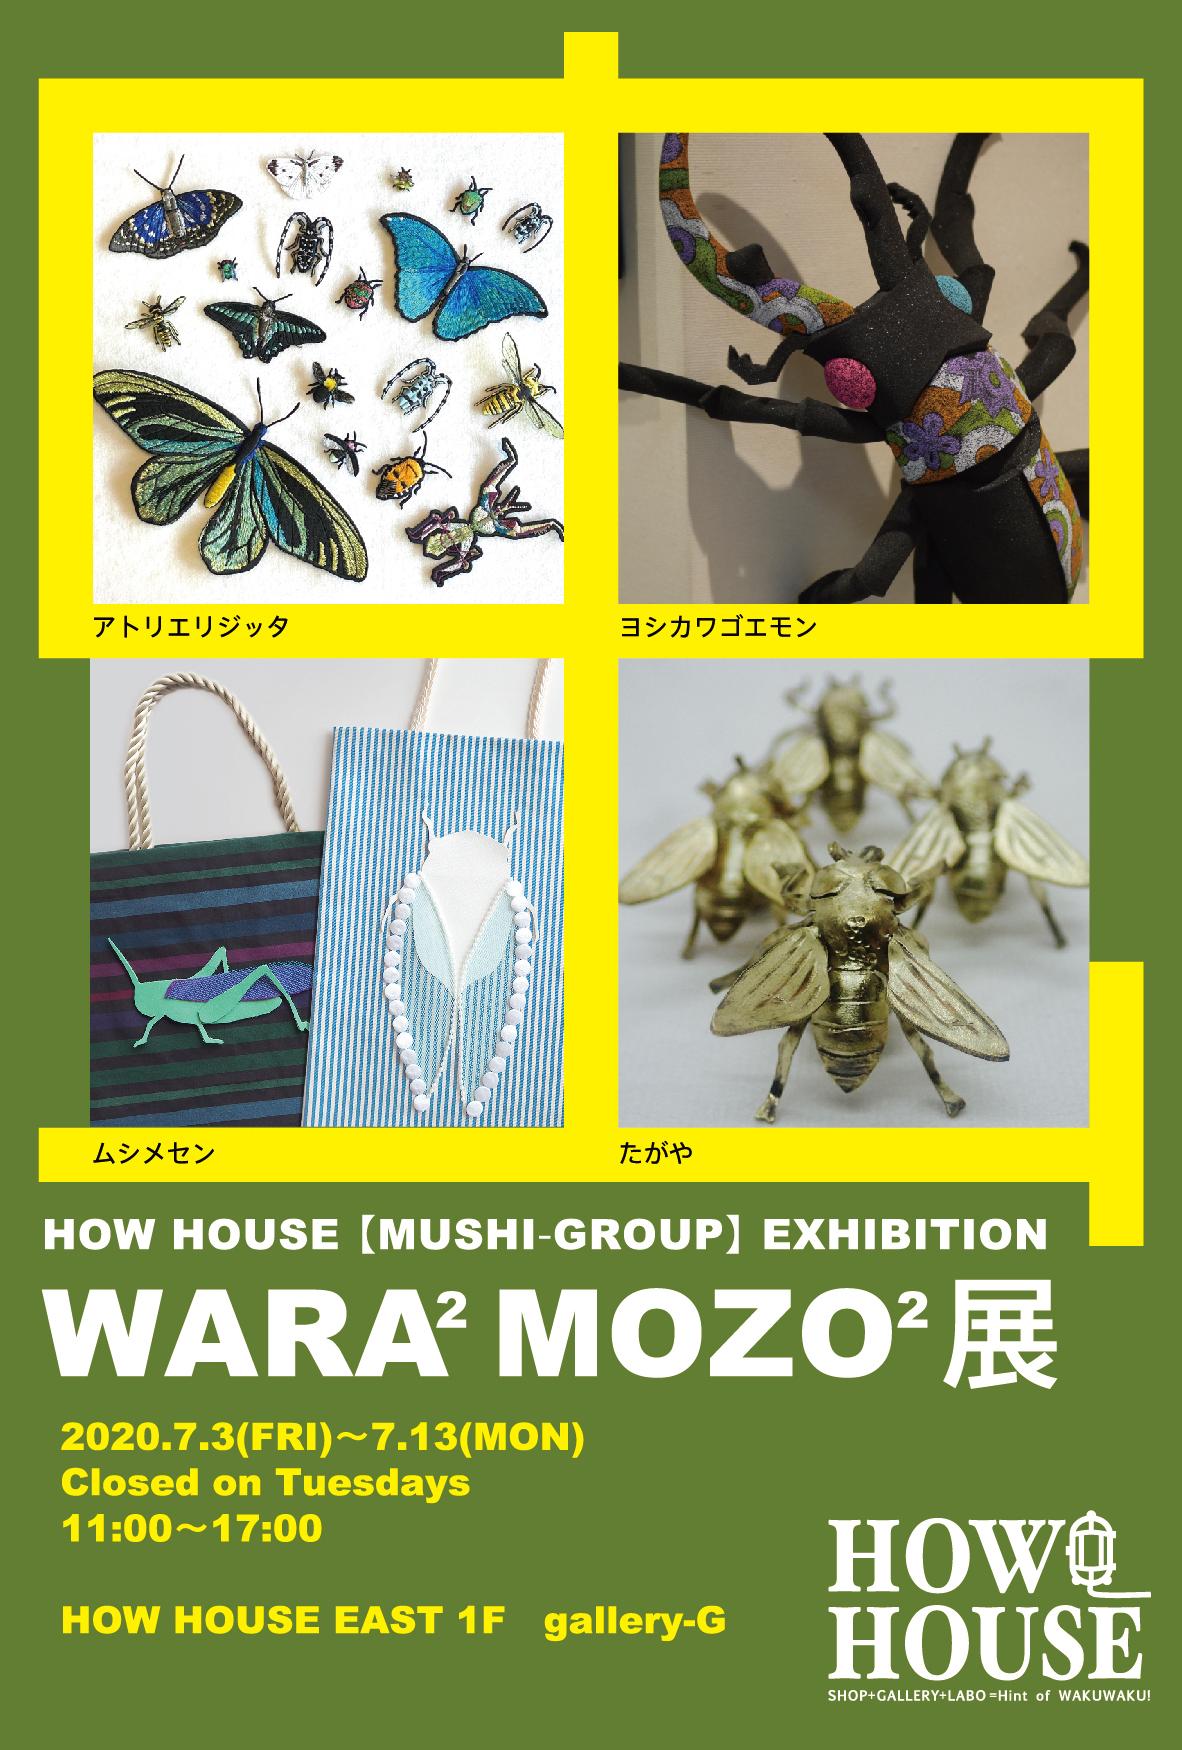 WARAWARA MOZOMOZO展(2020.7.3 – 7.13)